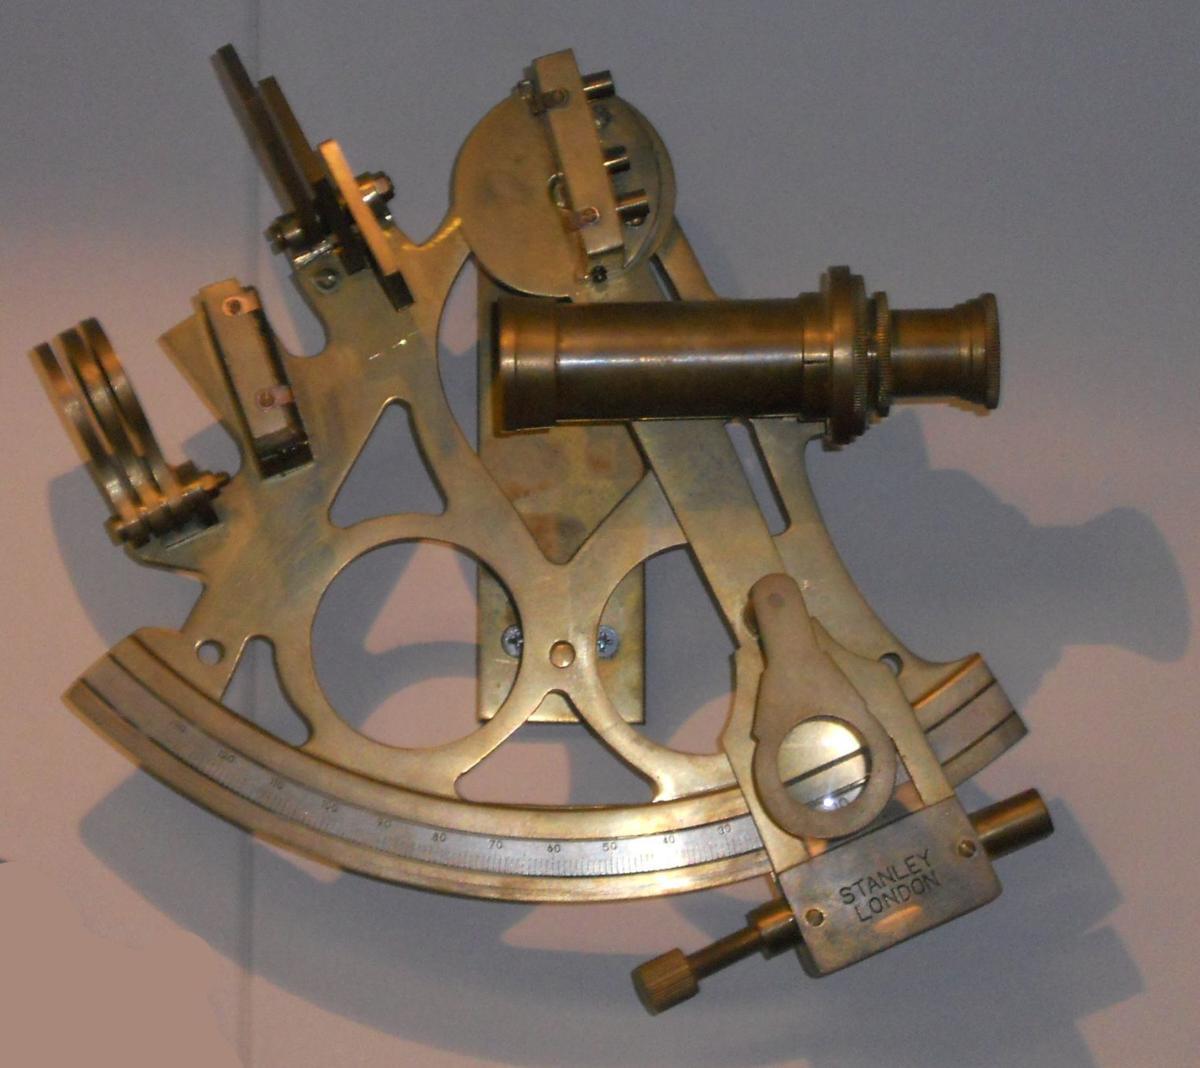 Big Read sextant